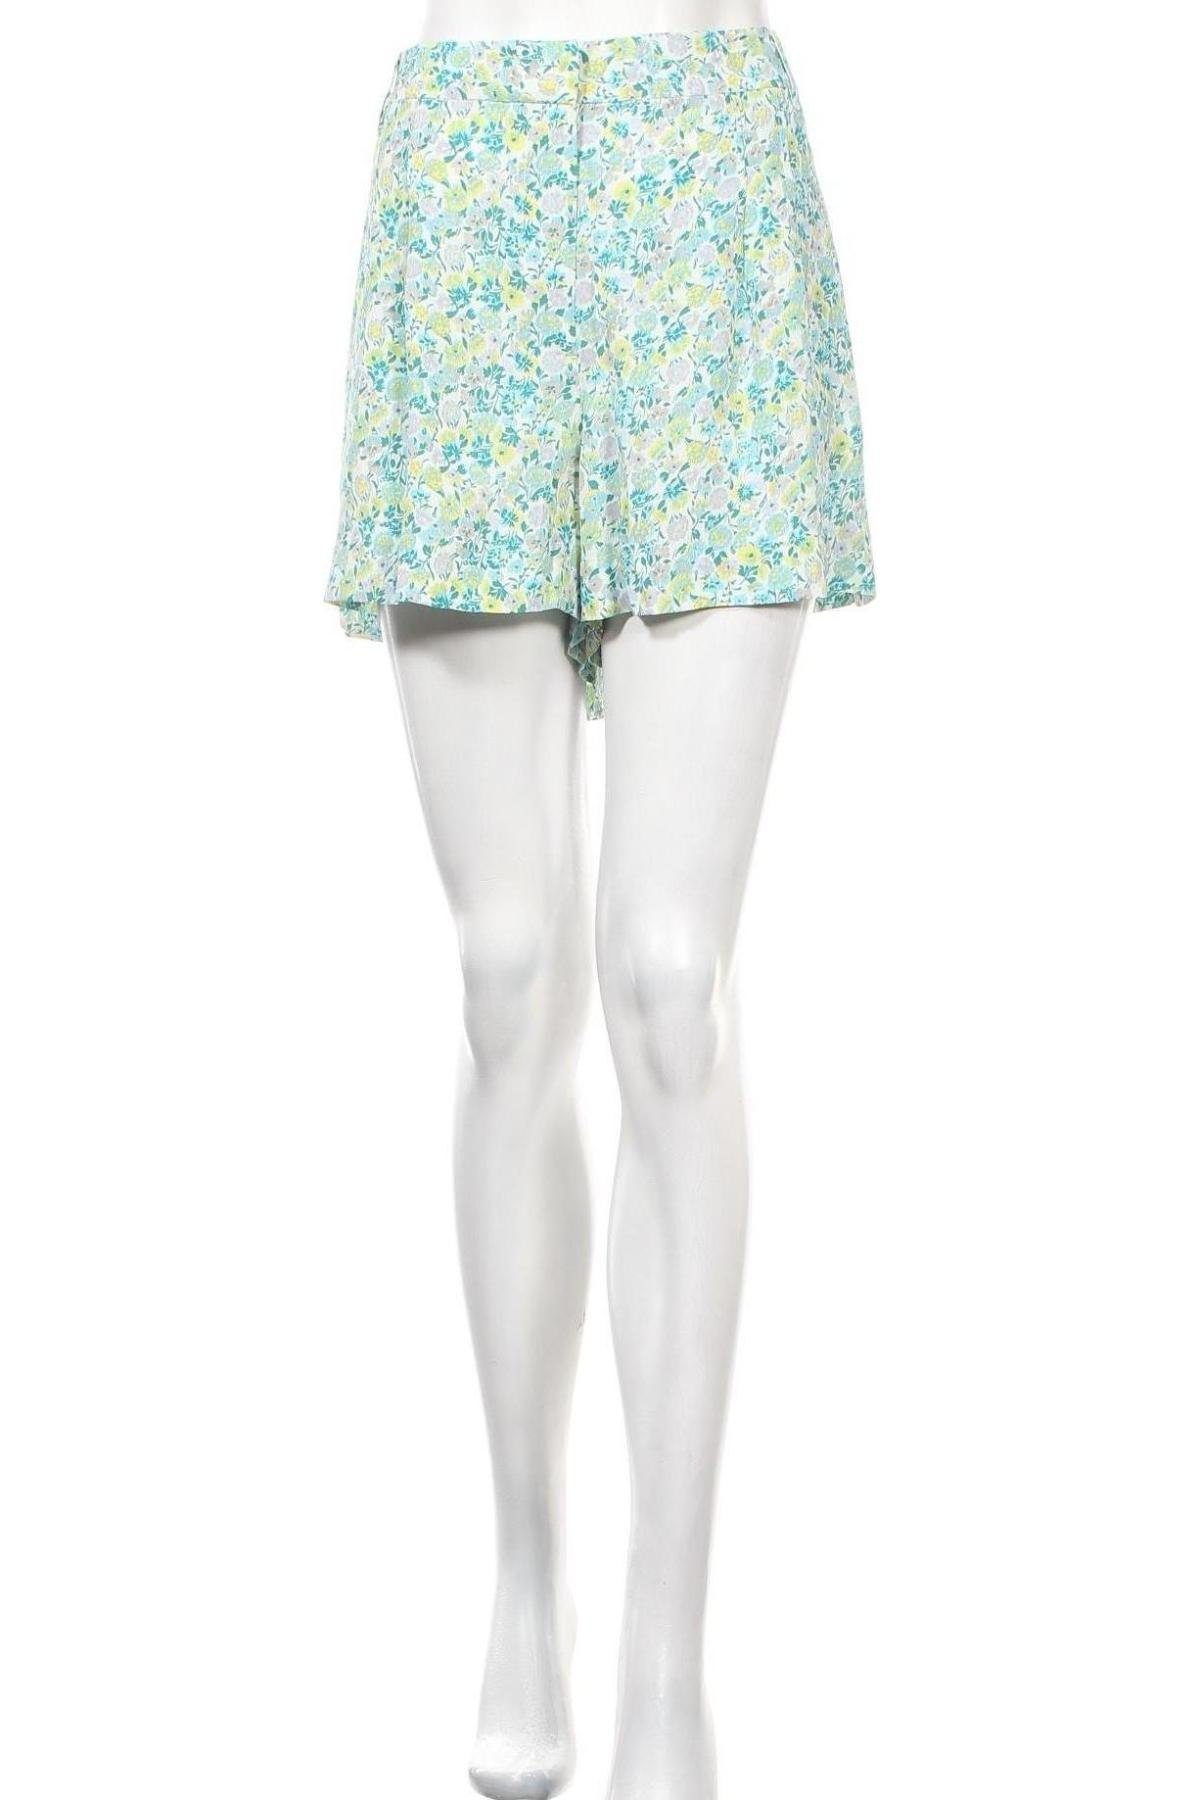 Γυναικείο κοντό παντελόνι French Connection, Μέγεθος XL, Χρώμα Πολύχρωμο, Βισκόζη, Τιμή 22,94€